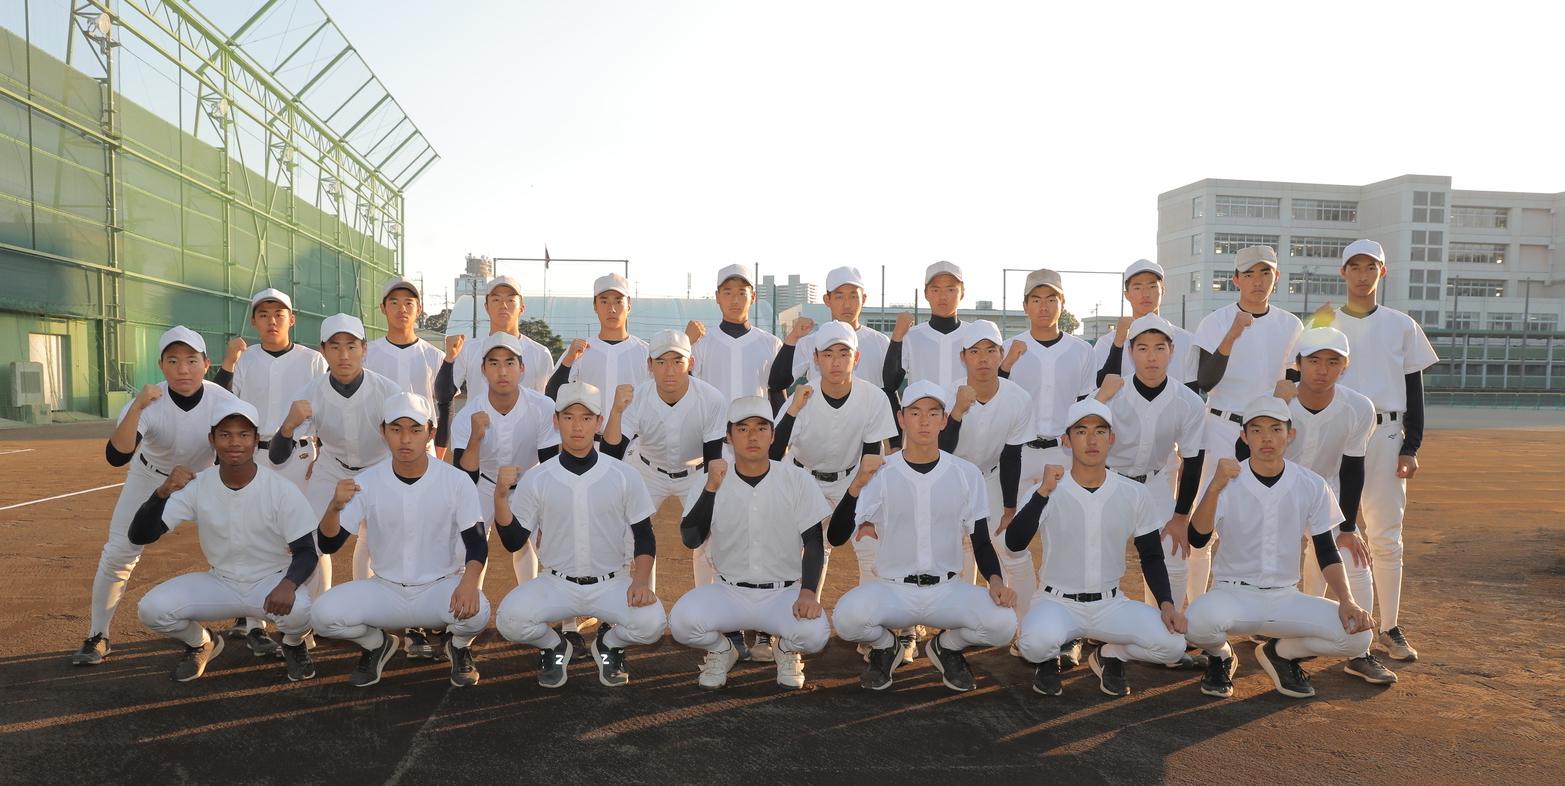 【静岡 野球部】「絶対王者復活へ」 #静岡